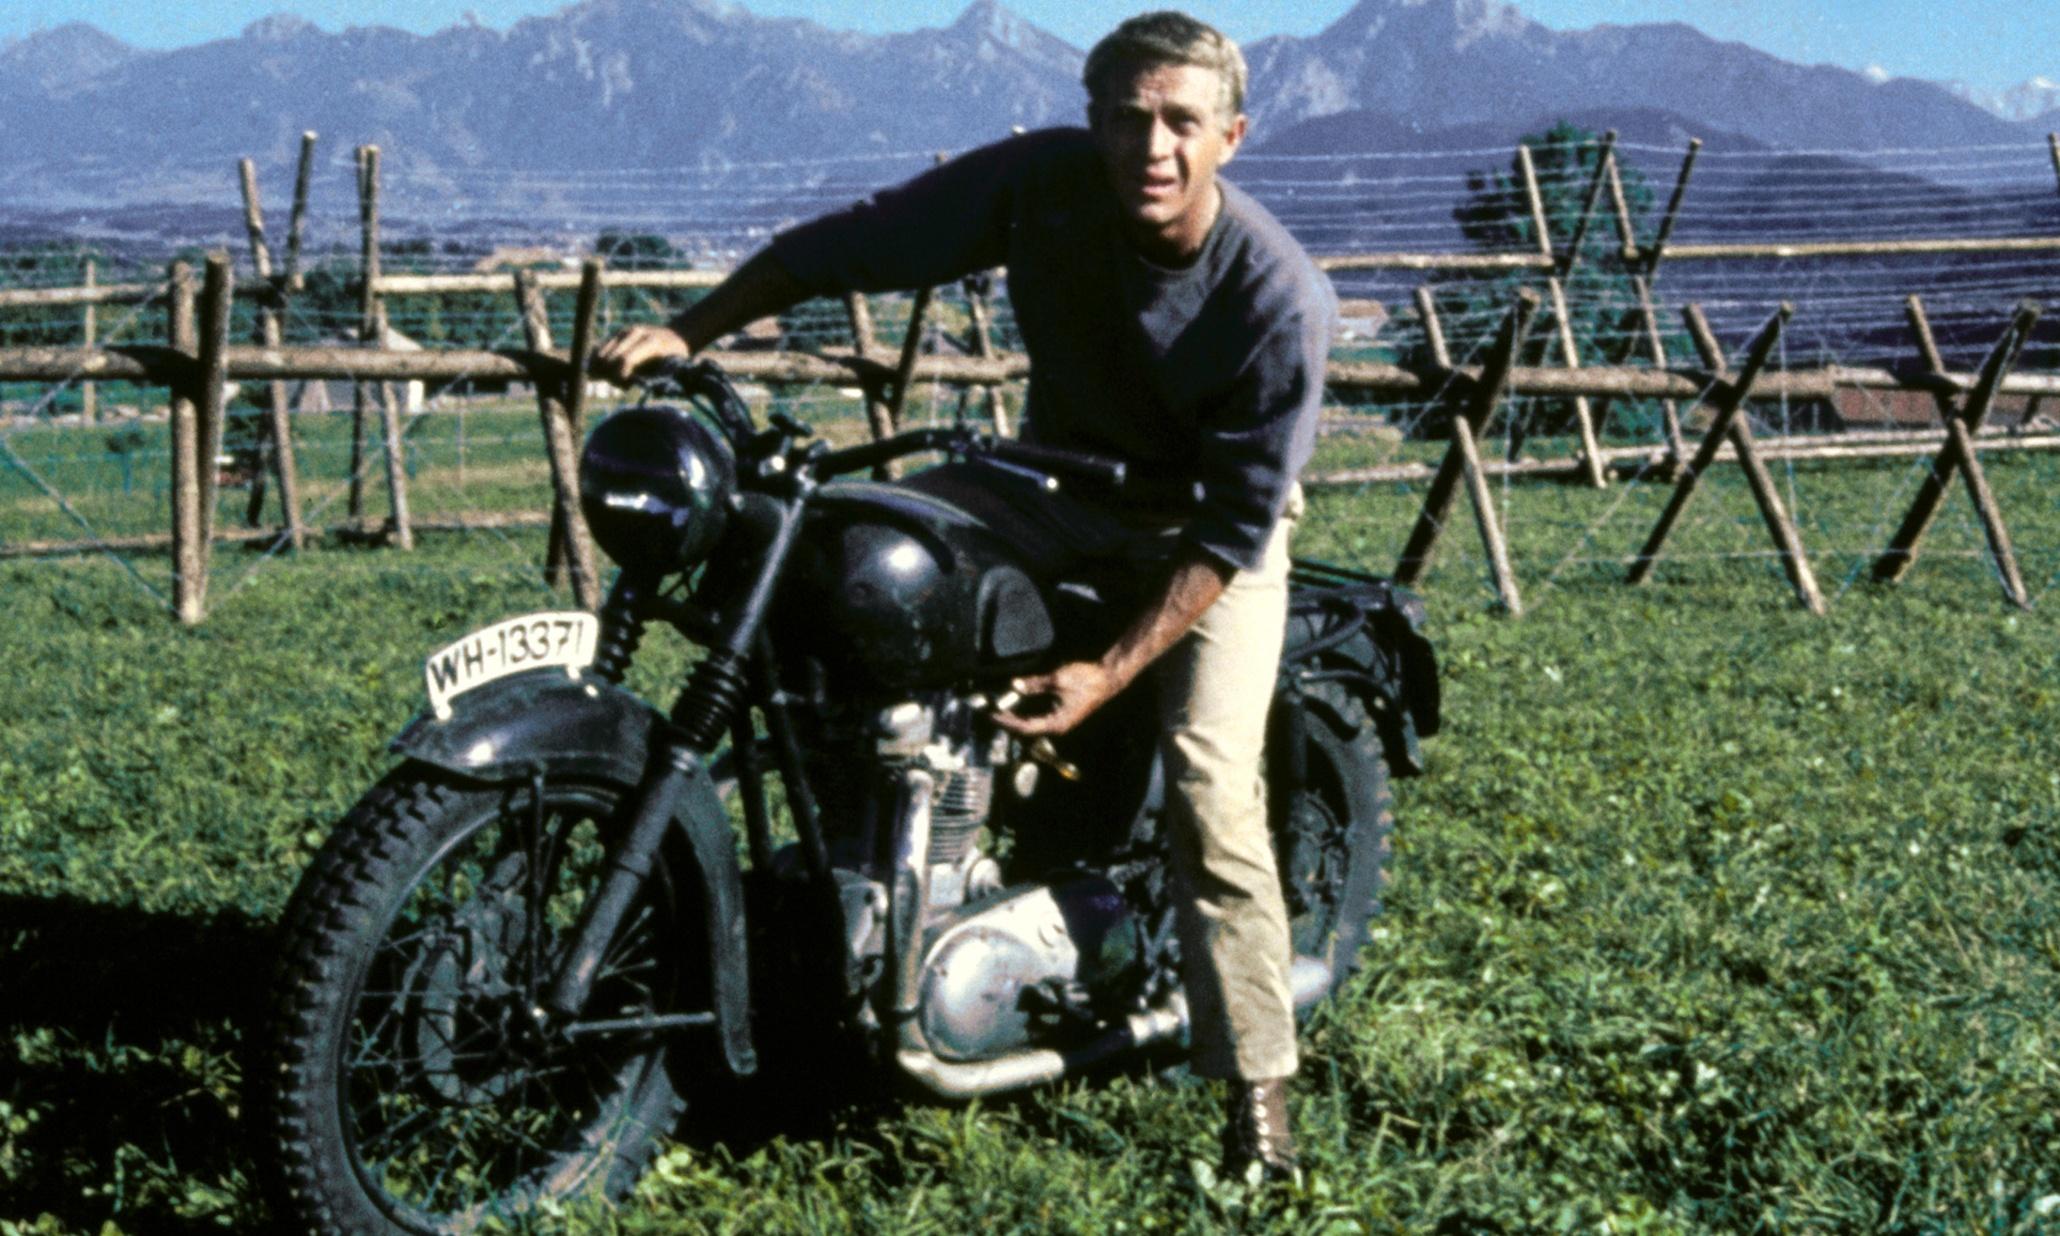 Vieilles photos (pour ceux qui aiment les anciennes photos de bikers ou autre......) - Page 2 6518eafe-2823-4af4-9879-bd5b4008d26c-2060x1236